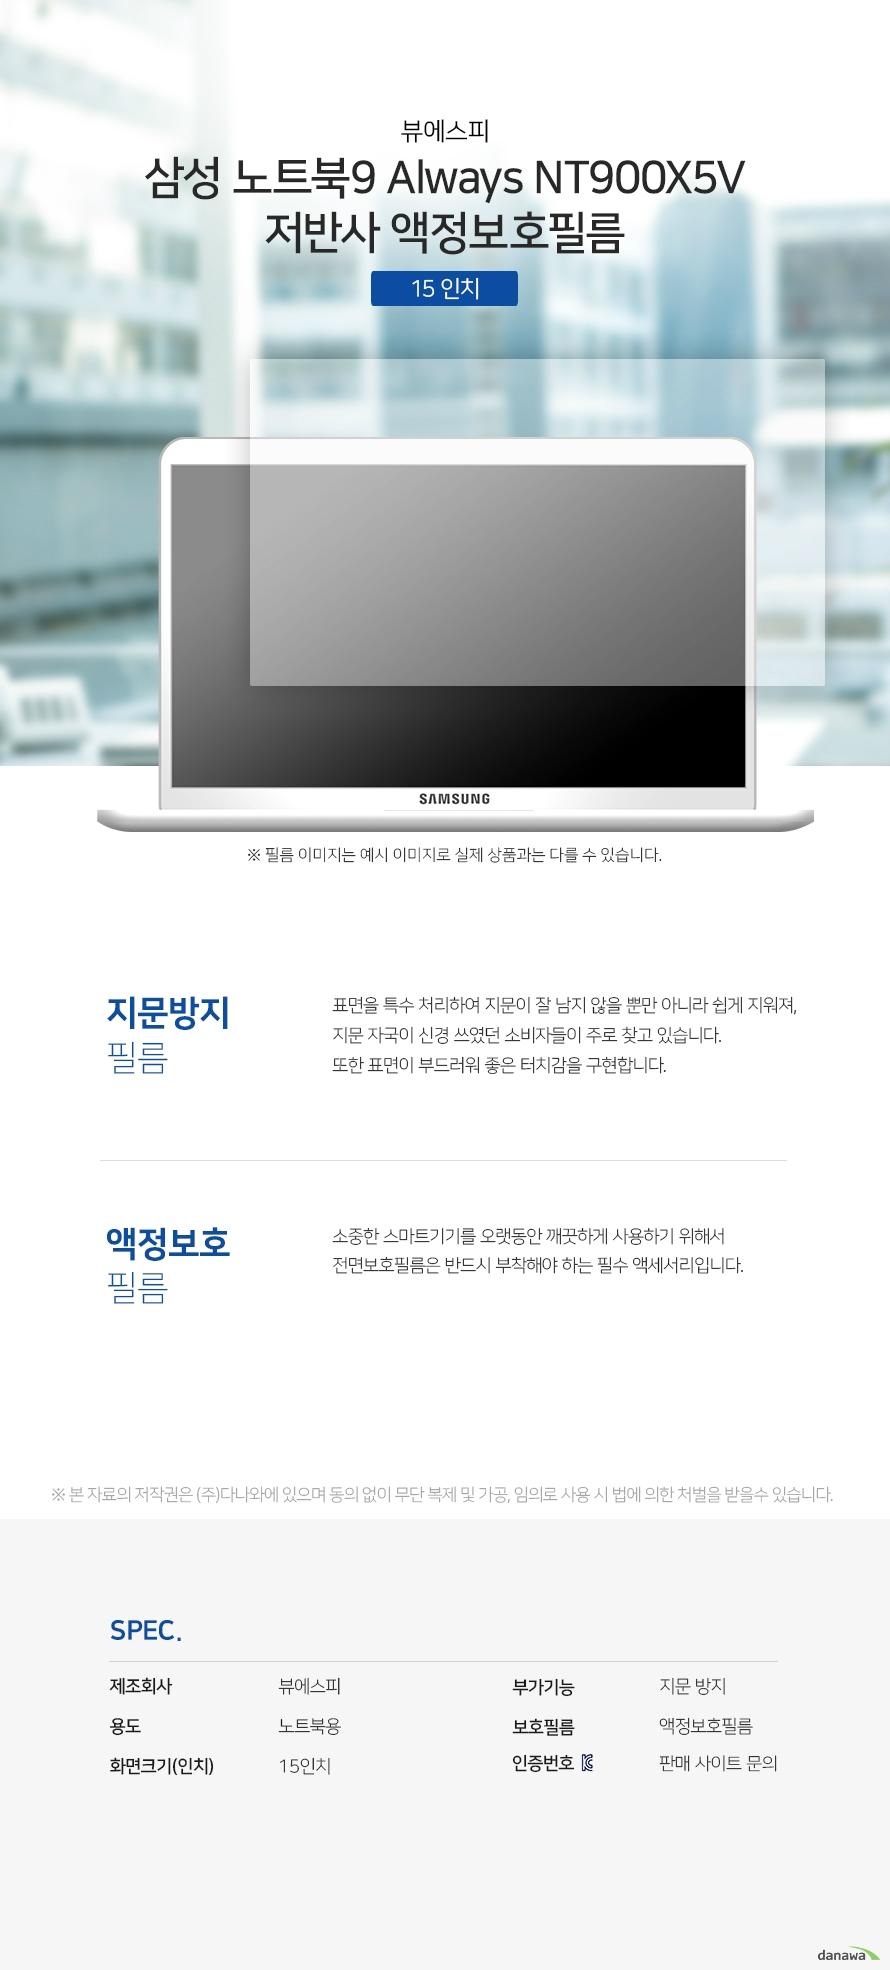 뷰에스피 삼성 노트북9 Always NT900X5V 저반사 액정보호필름 상세 스펙 액정보호용품 / 노트북용 / 액정보호필름 / 15인치 / 지문방지